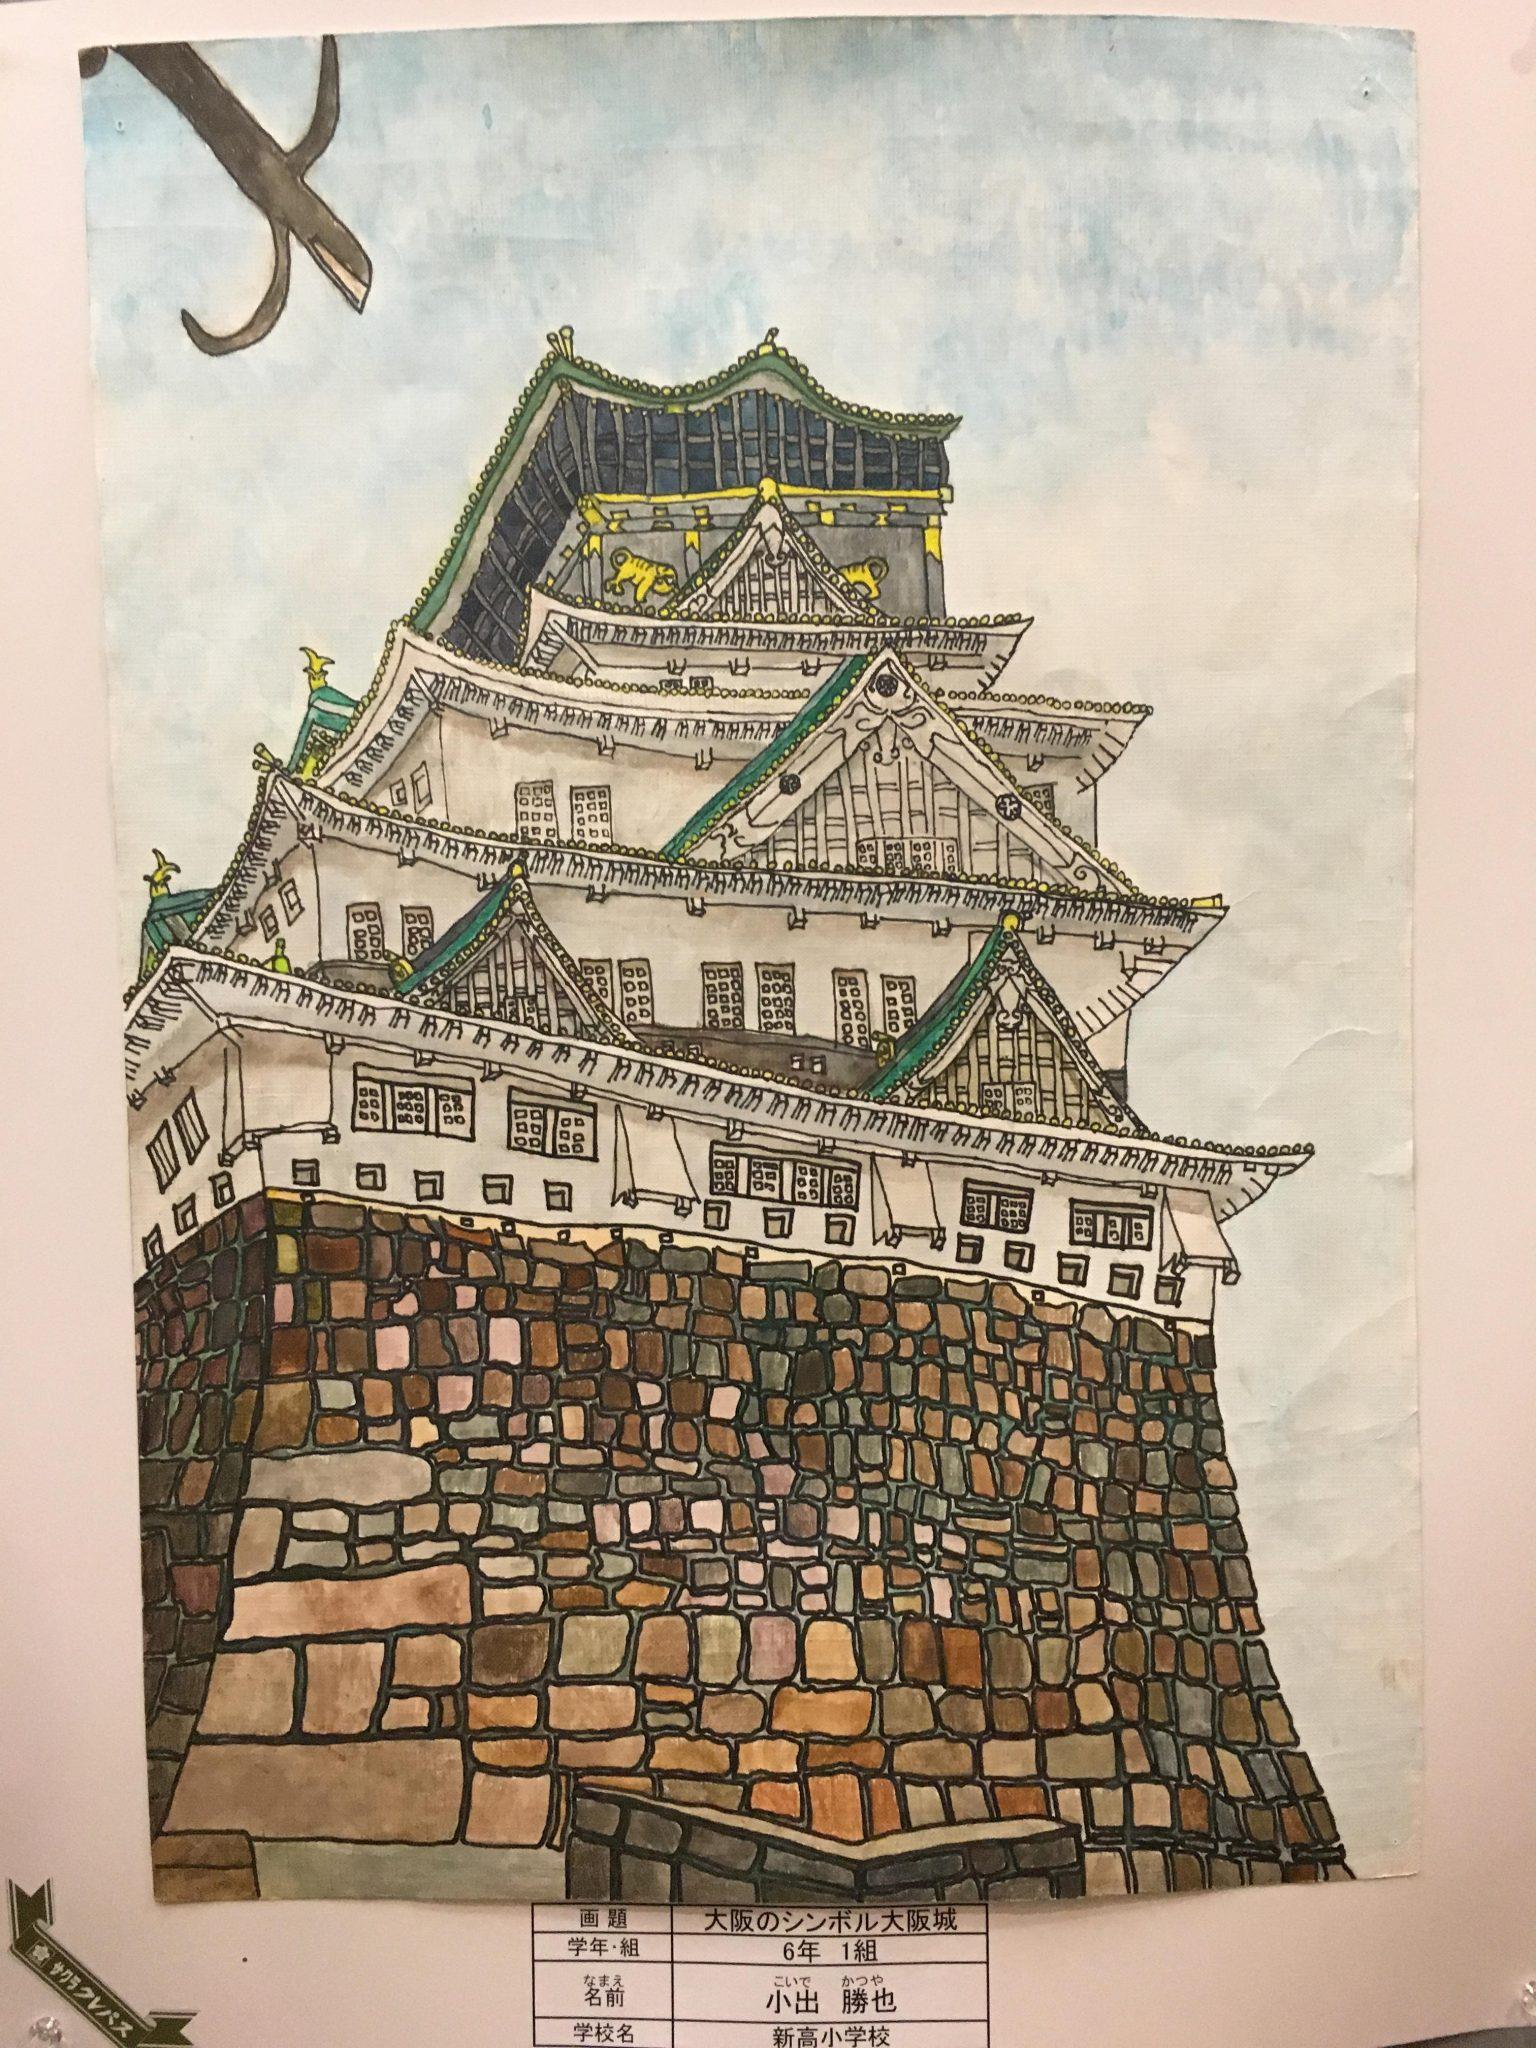 오사카성 내부 전시 그림